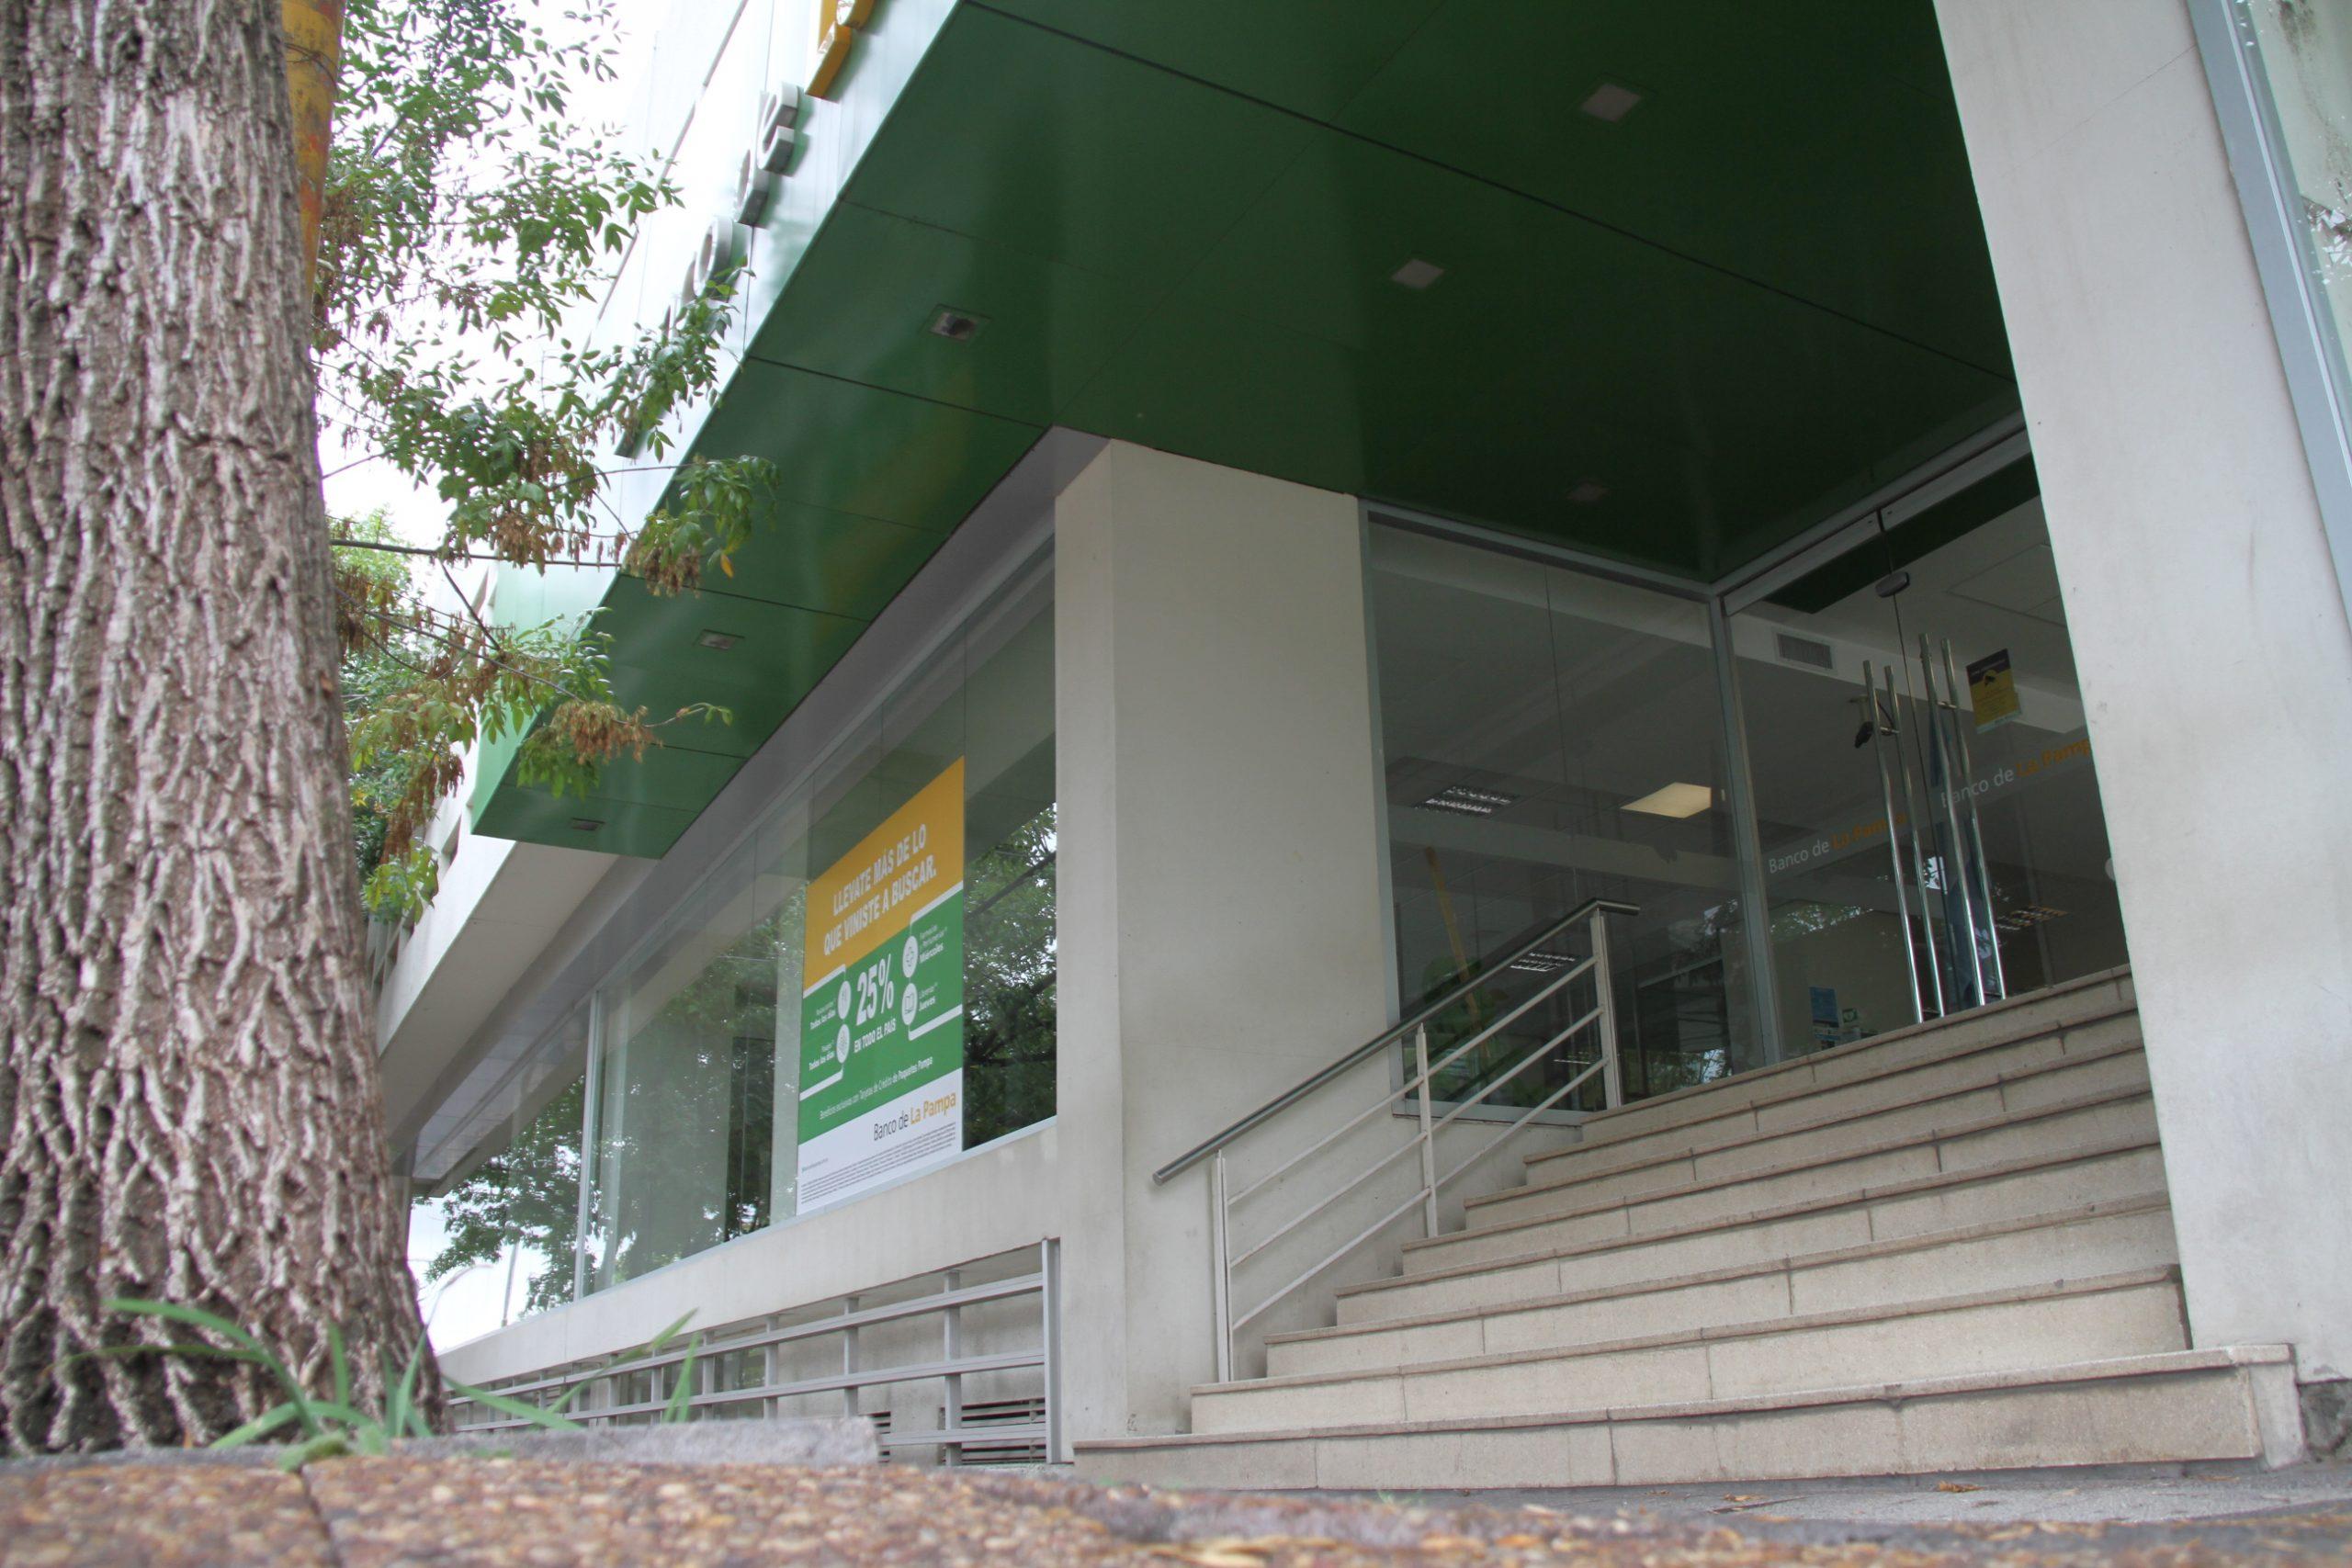 ¡ATENCIÓN! El Banco de La Pampa realizó modificaciones en el horario de atención